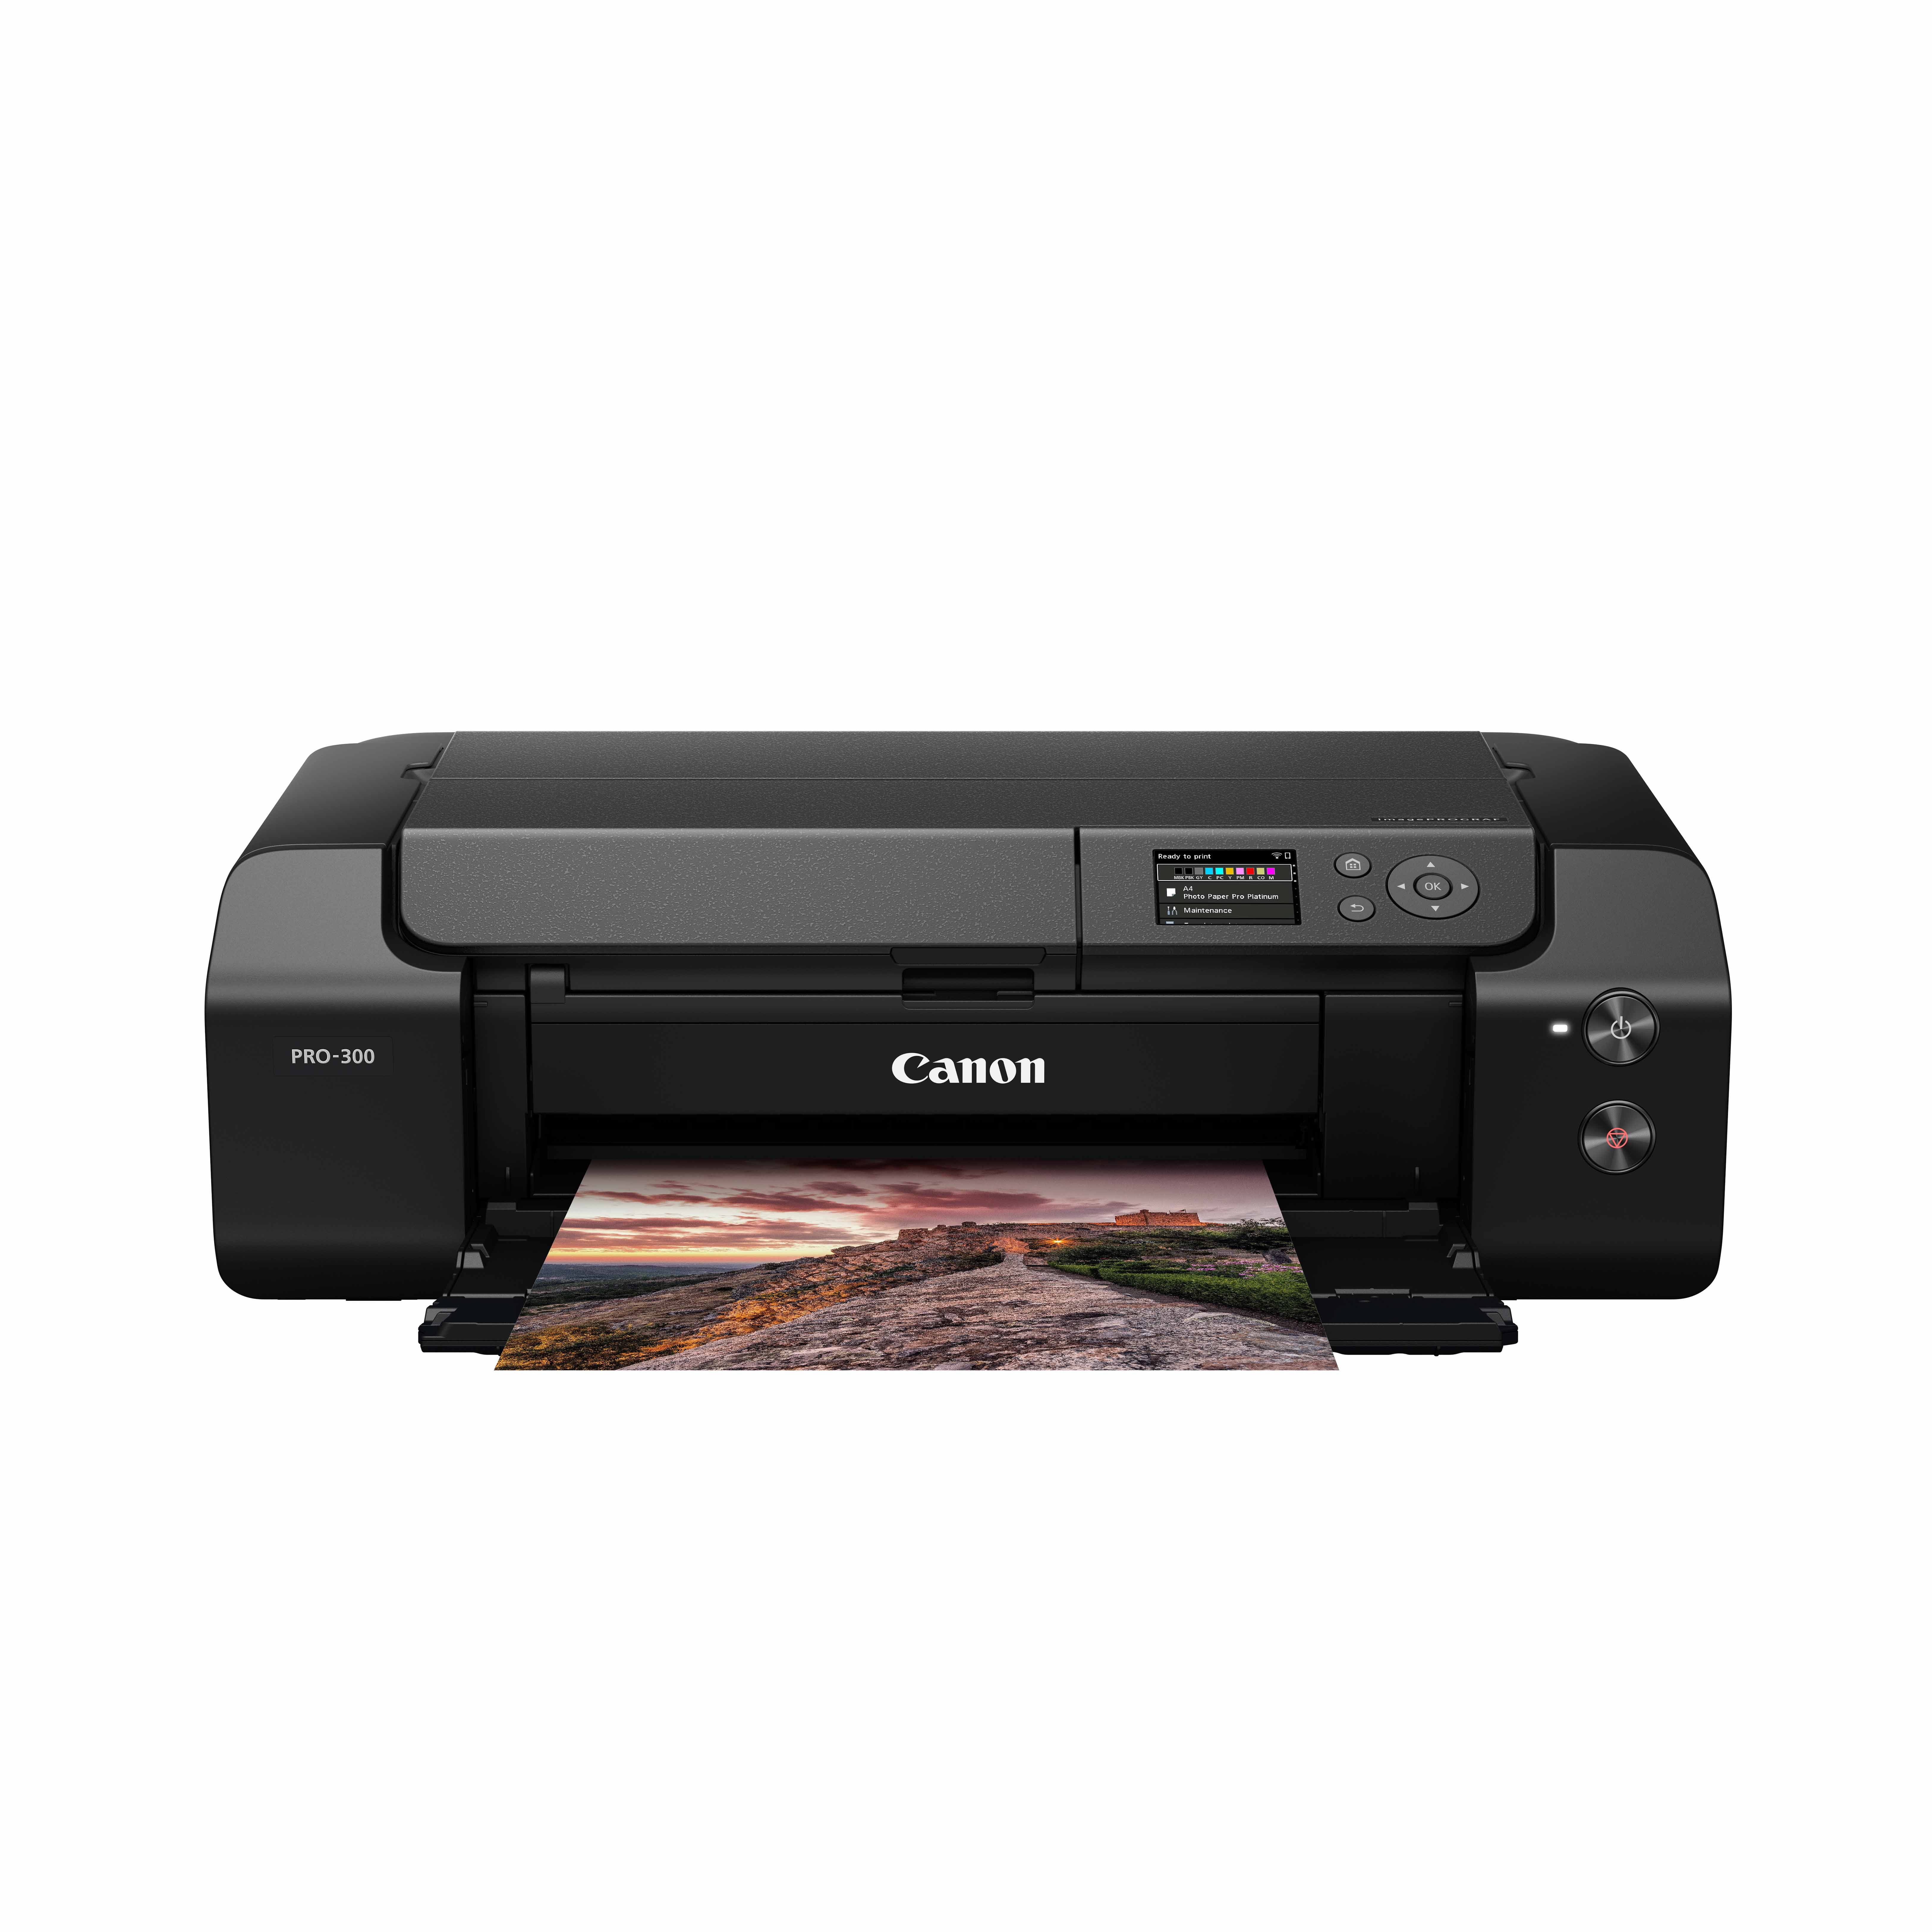 佳能(Canon)imagePROGRAF A3+幅面专业照片喷墨打印机PRO-300(无线打印)